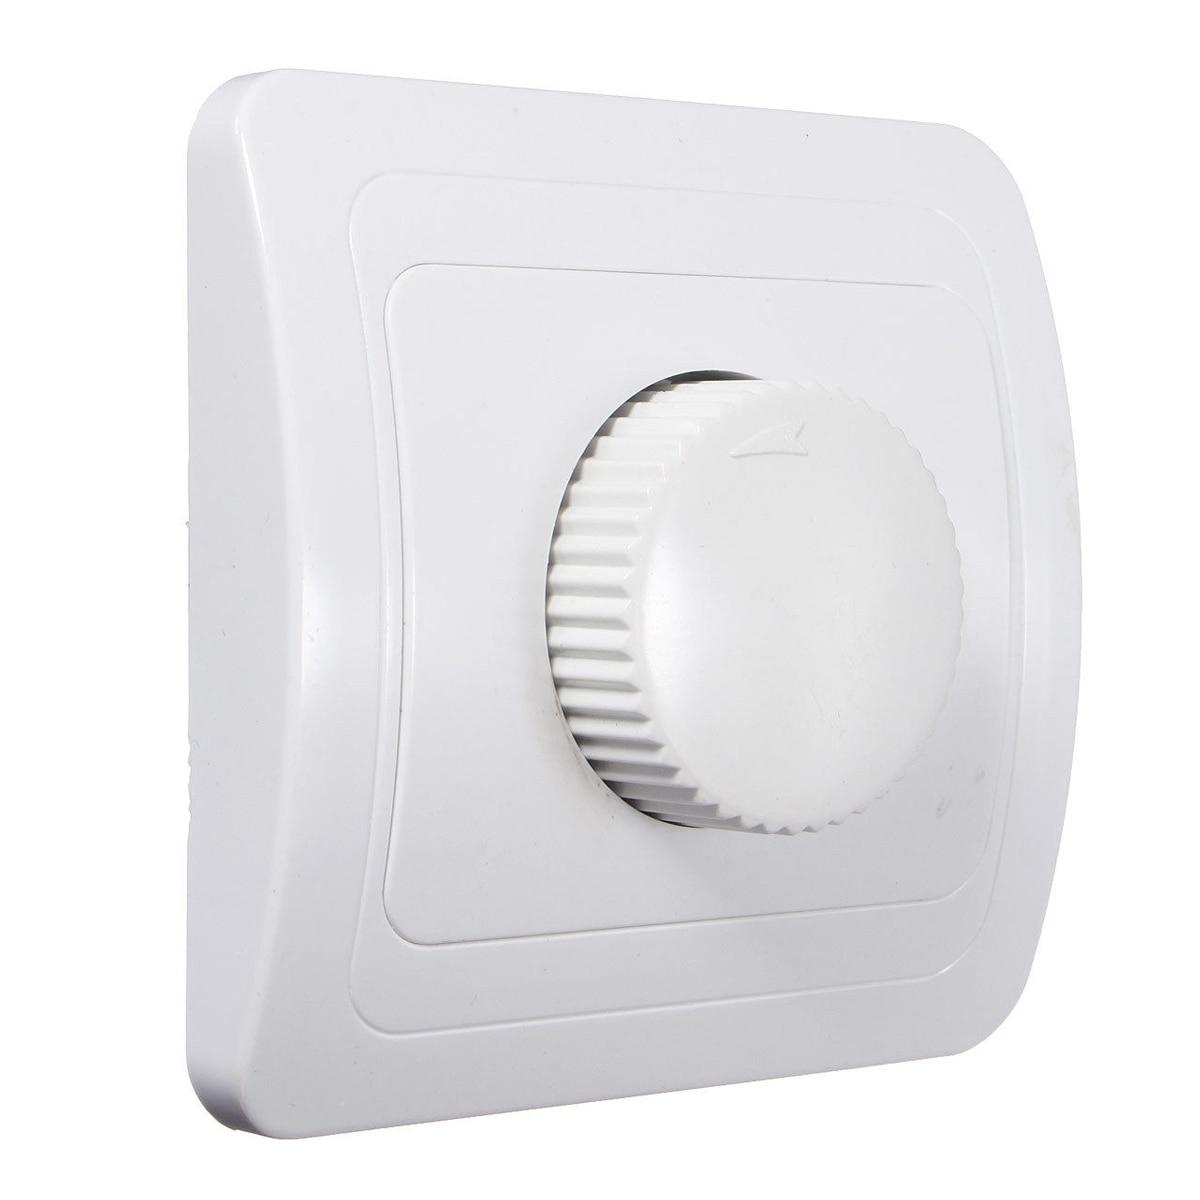 Dimmer Licht & Beleuchtung 220 V/250 V Einstellbare Controller Dimmer Schalter Für Dimmbare Glühbirne Lampe Weiß Ein Unverzichtbares SouveräNes Heilmittel FüR Zuhause